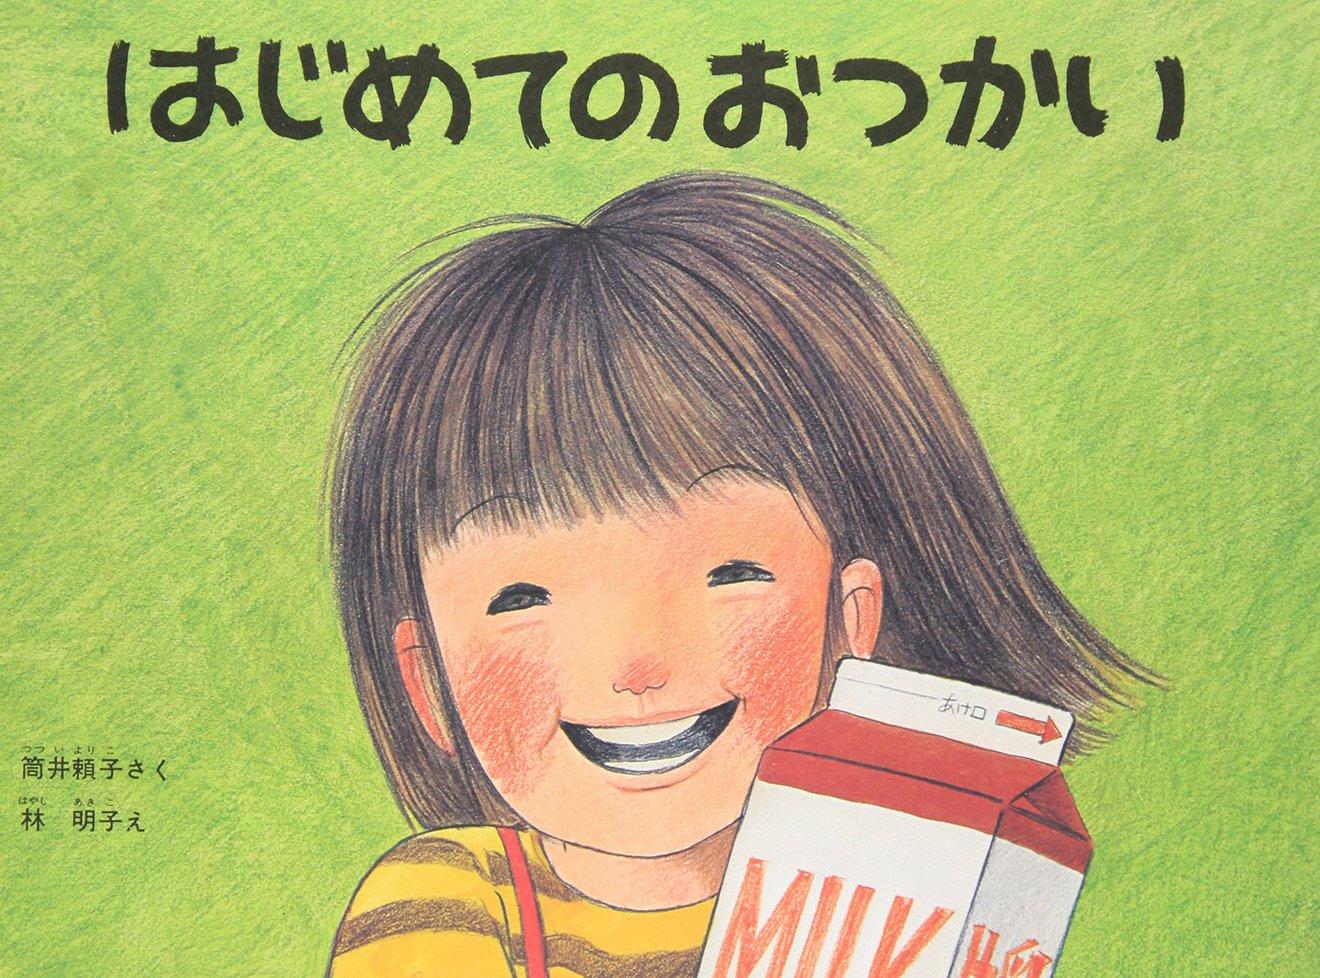 林明子のおすすめ絵本5選!大人から子供まで愛される、可愛らしい作品